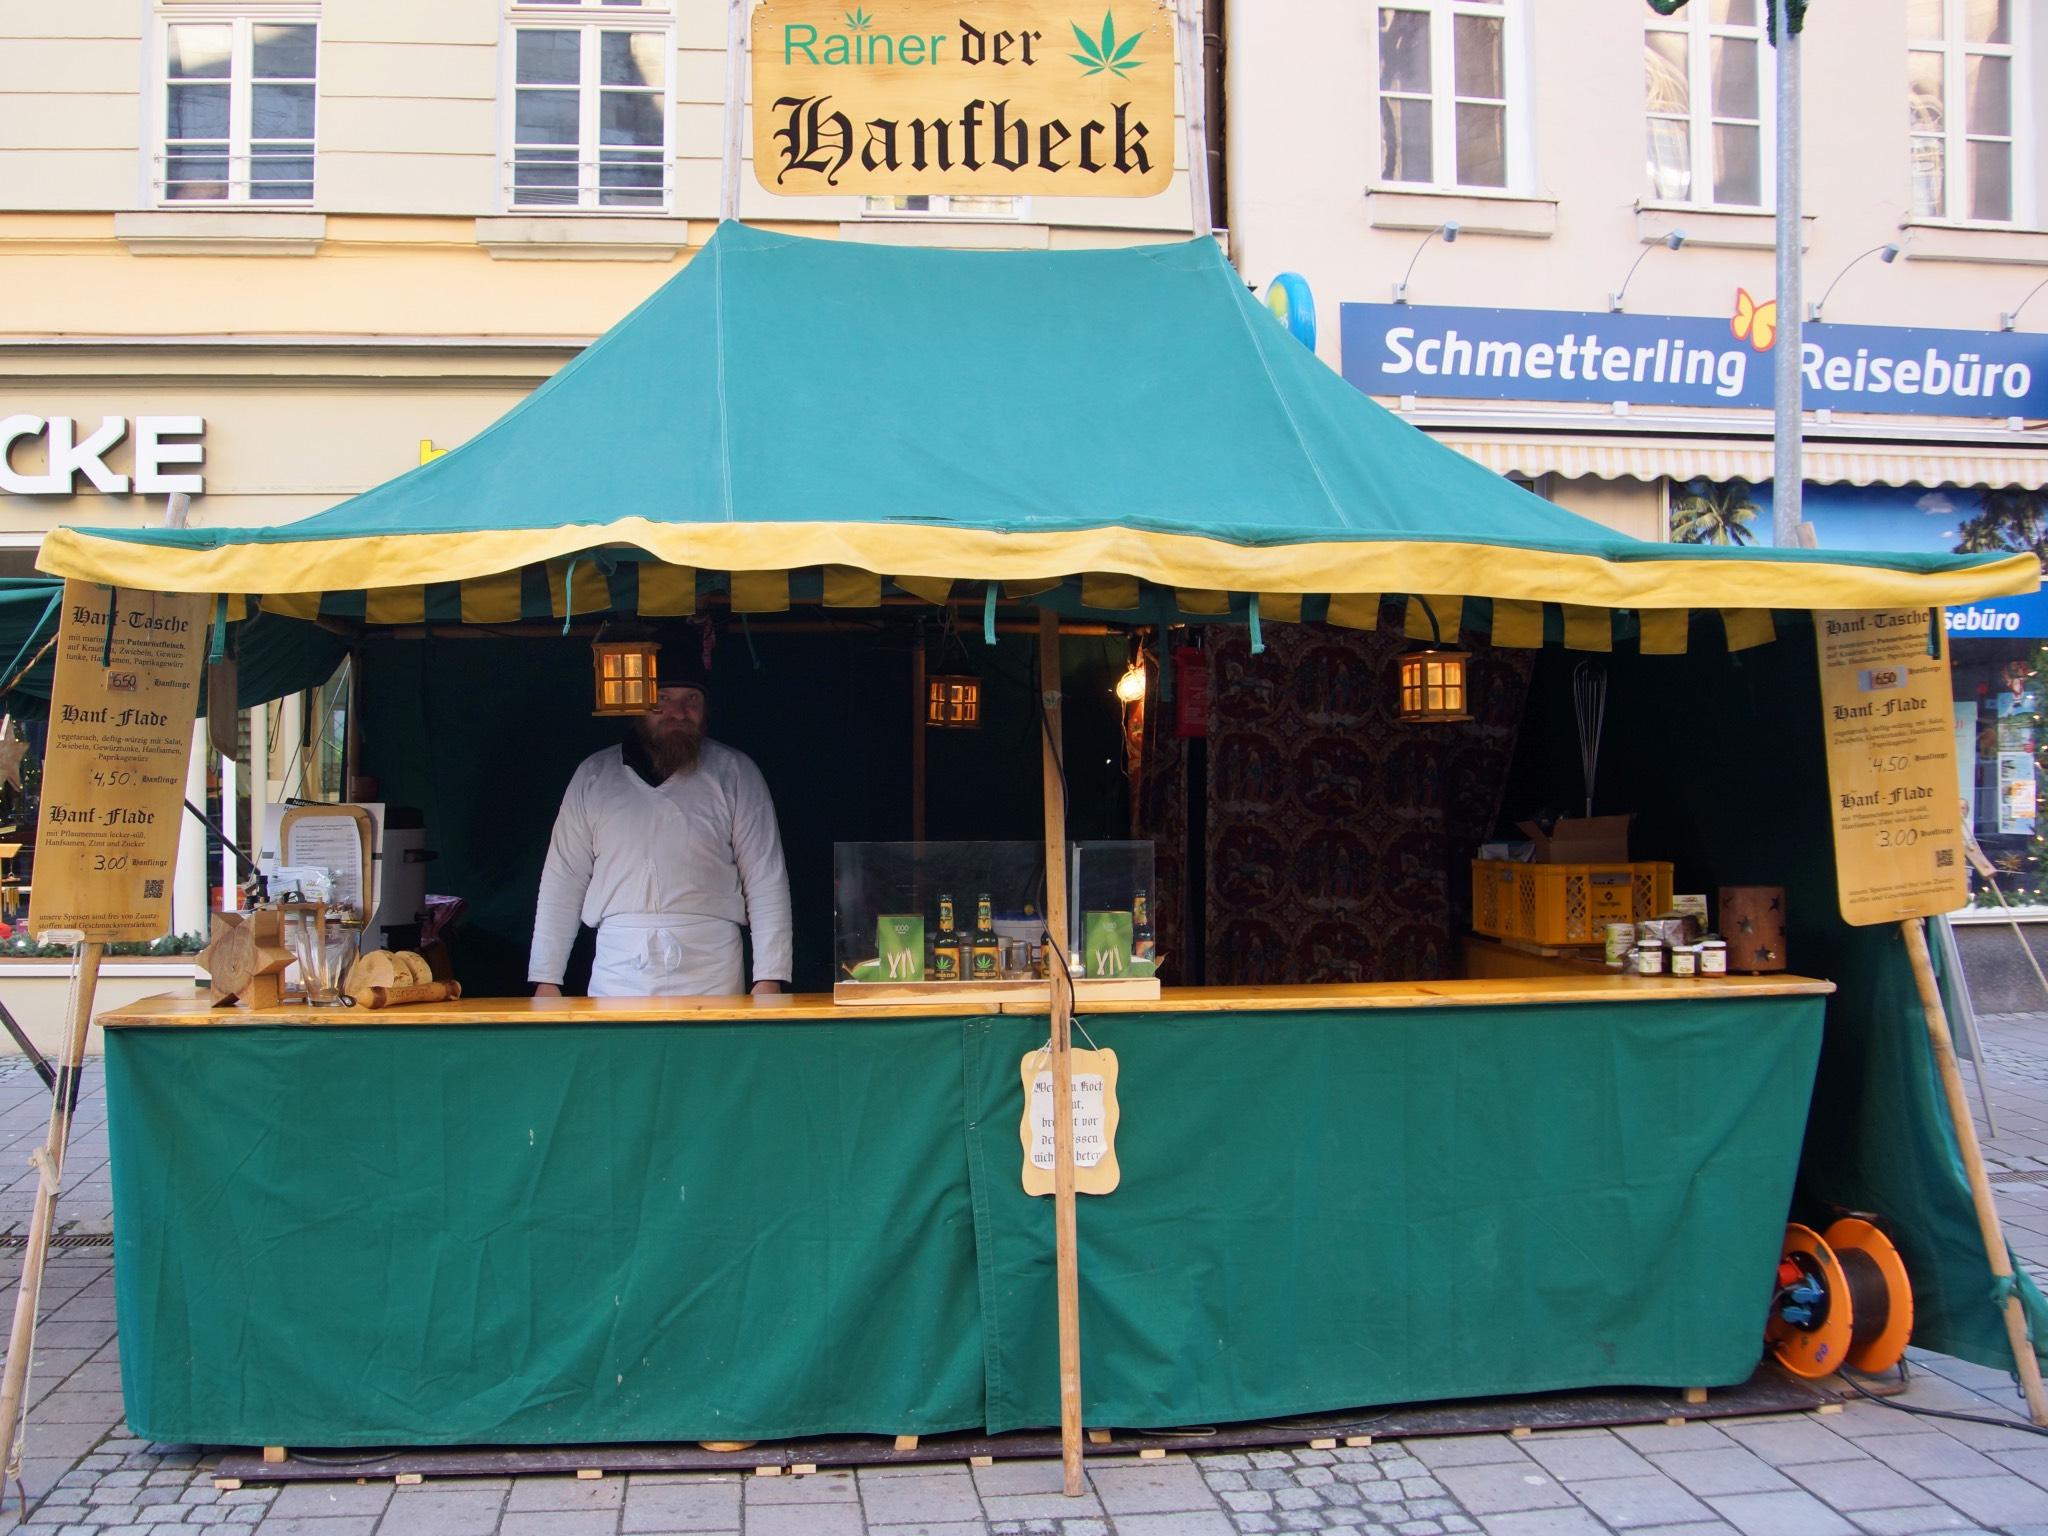 Rainer der Hanfbeck auf dem Ansbacher Weihnachtsmarkt. Foto: Barbara Duna